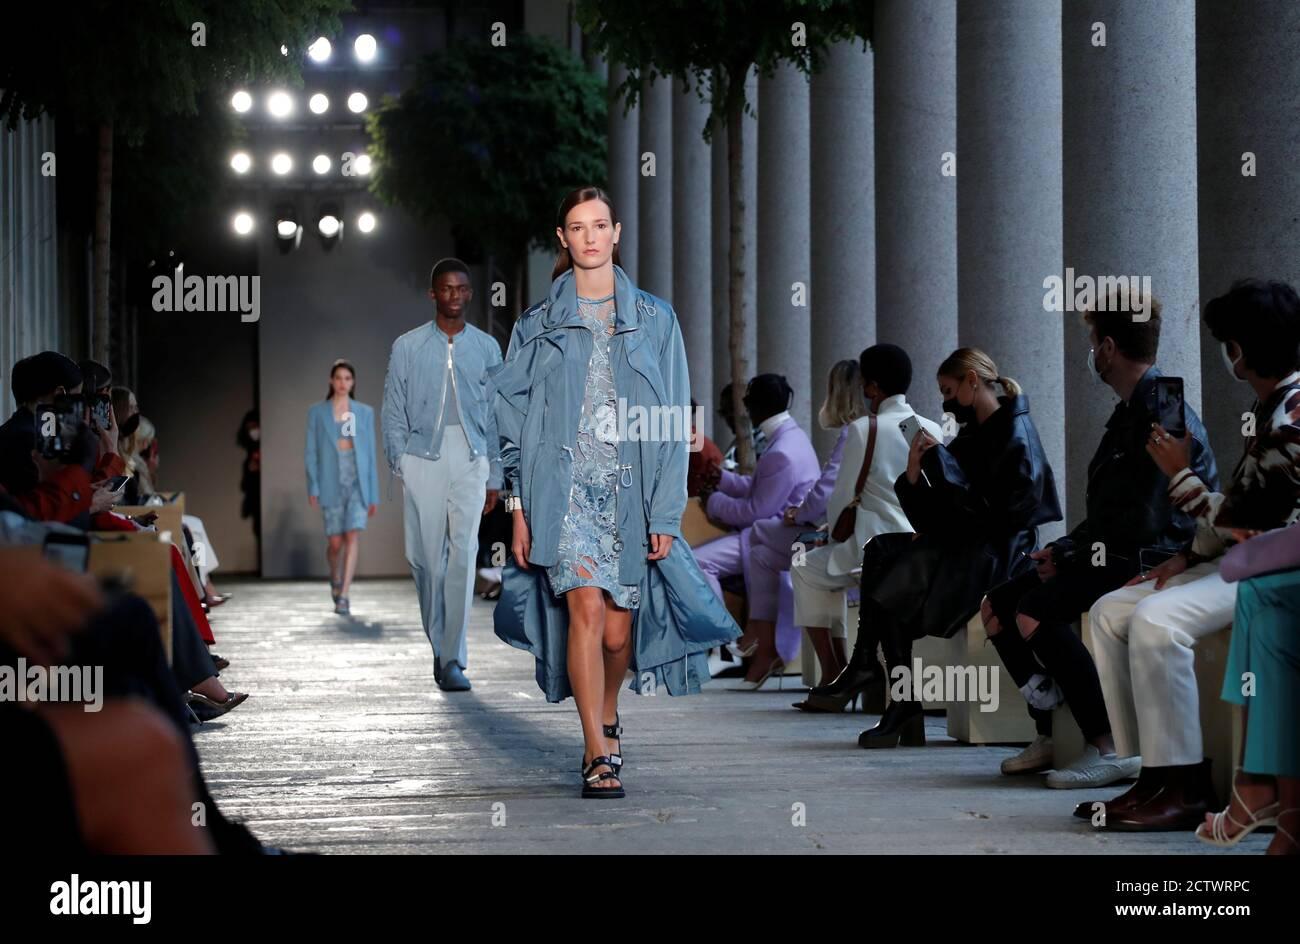 Les modèles présentent des créations de la collection Boss Spring/Summer 2021 pour hommes et femmes pendant la semaine de la mode à Milan, Italie, le 25 septembre 2020. REUTERS/Alessandro Garofalo Banque D'Images